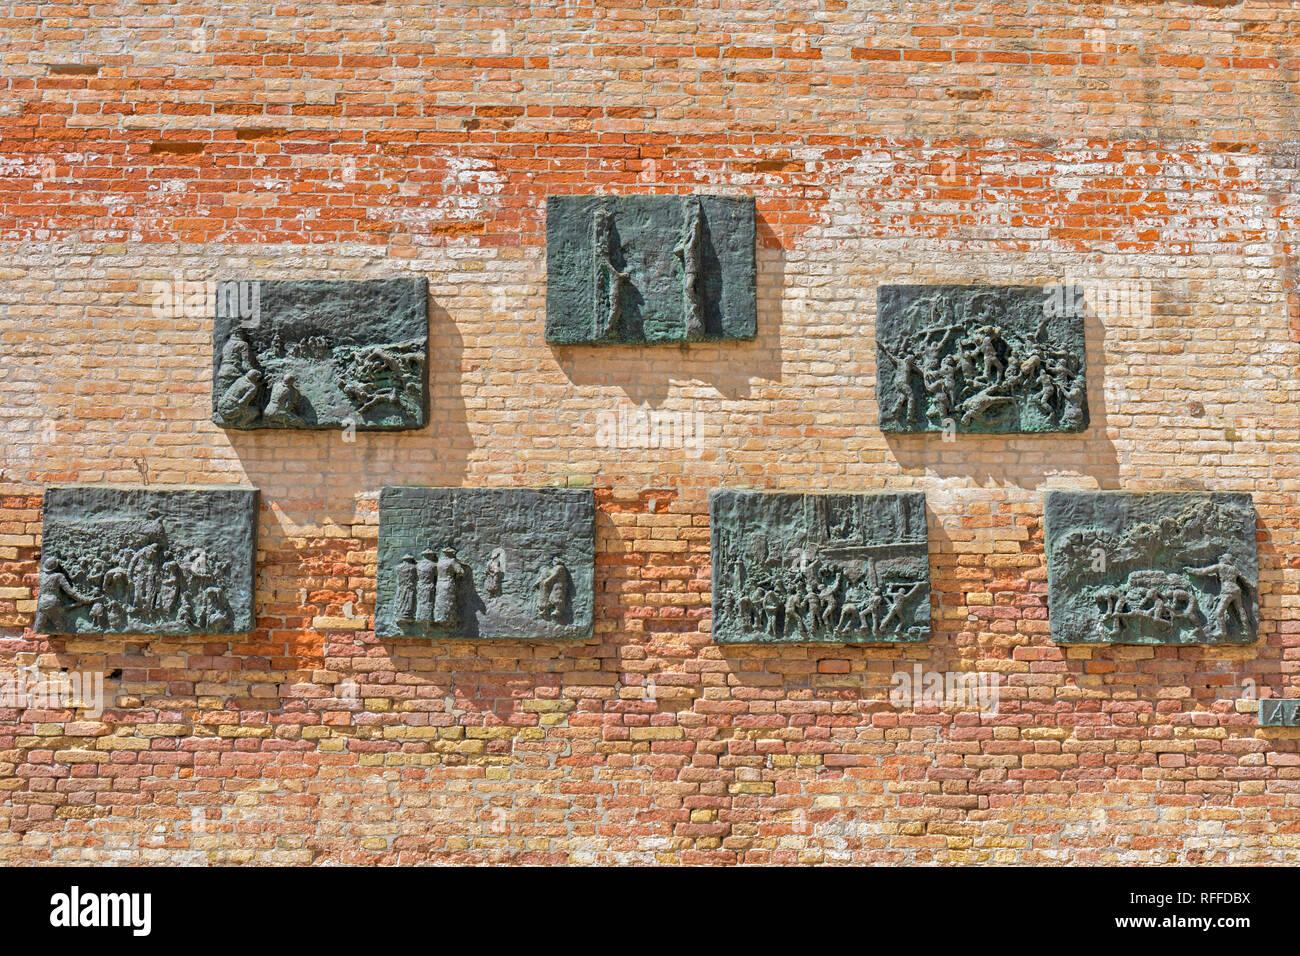 La deportazione Memorial nel campo di Ghetto Nuovo, Venezia, Italia. Il memorial, opera dello scultore Arbit Blatas che ha perso la sua madre durante la holo Foto Stock